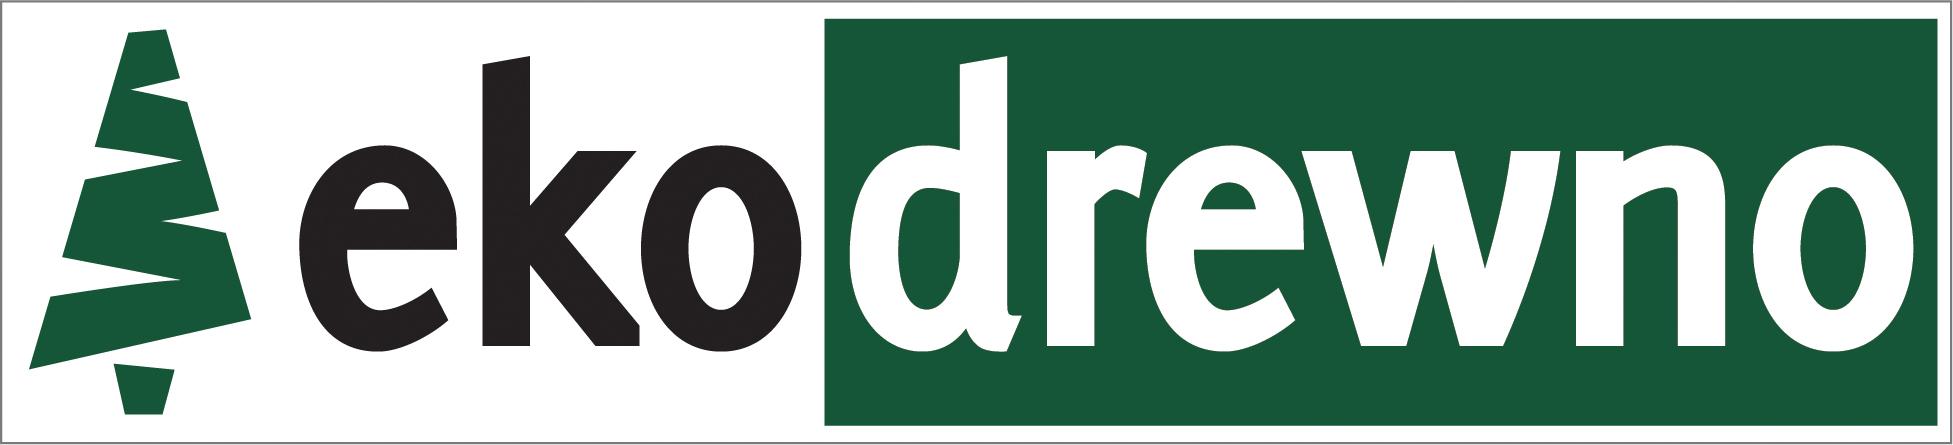 logo_ekodrewno